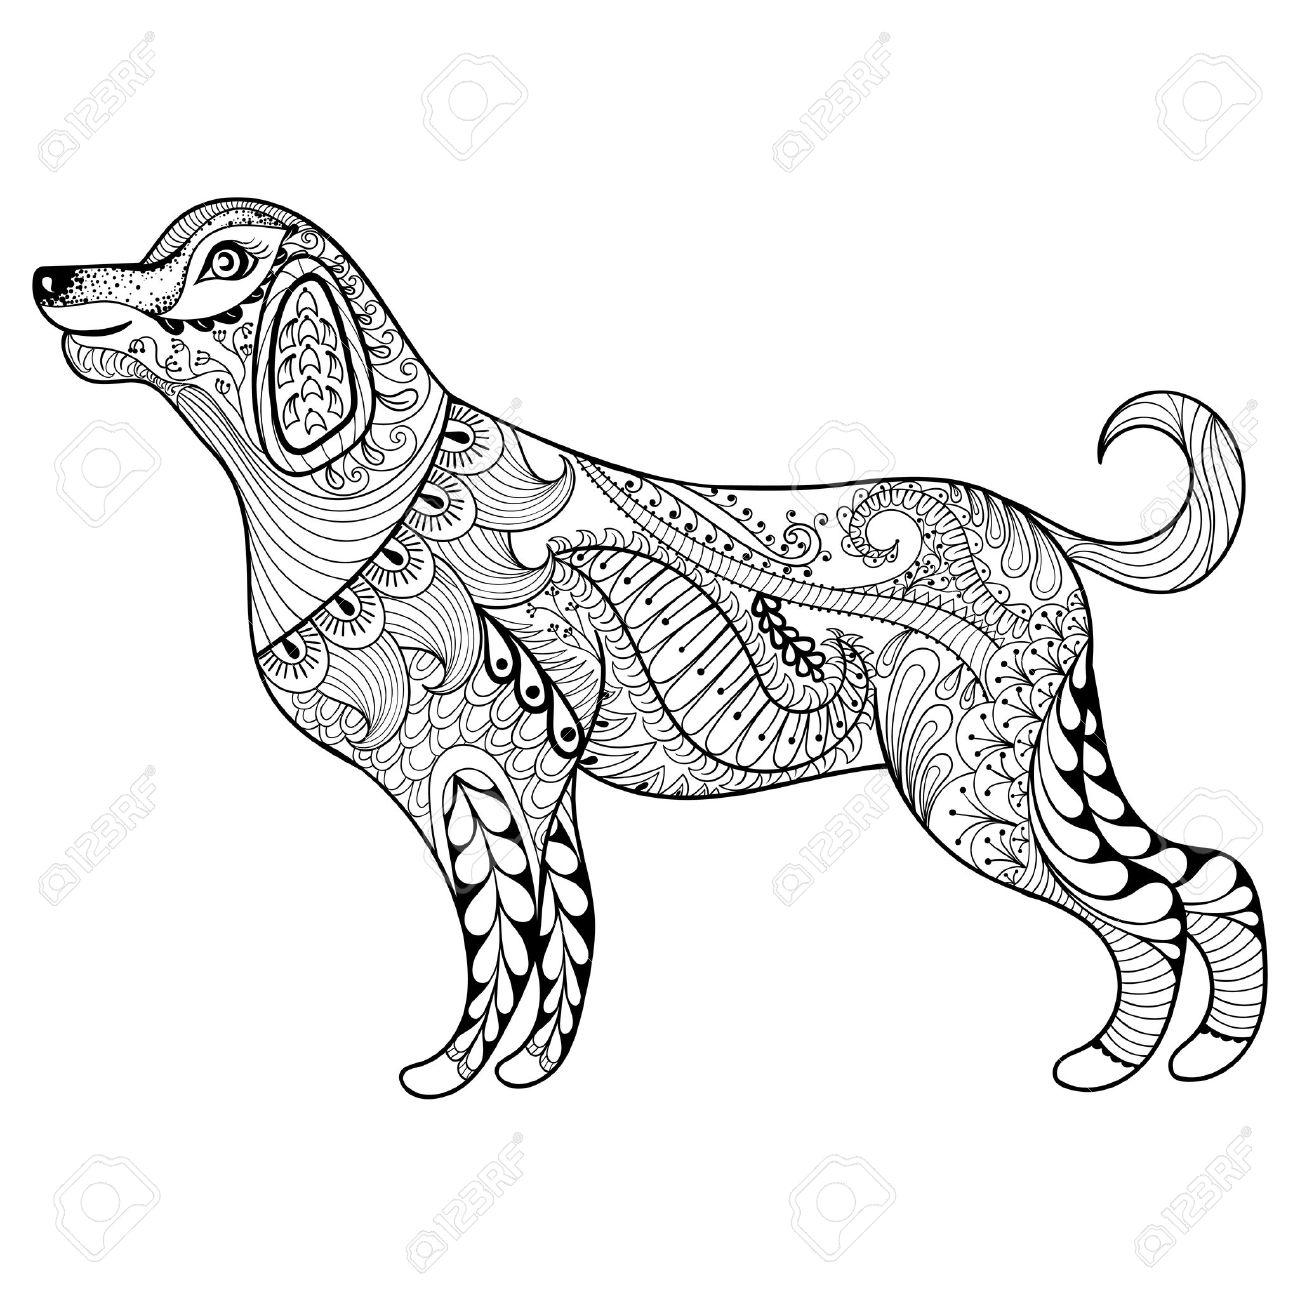 ベクトル Zentangle 犬大人ぬりえページの印刷します手描き芸術民族